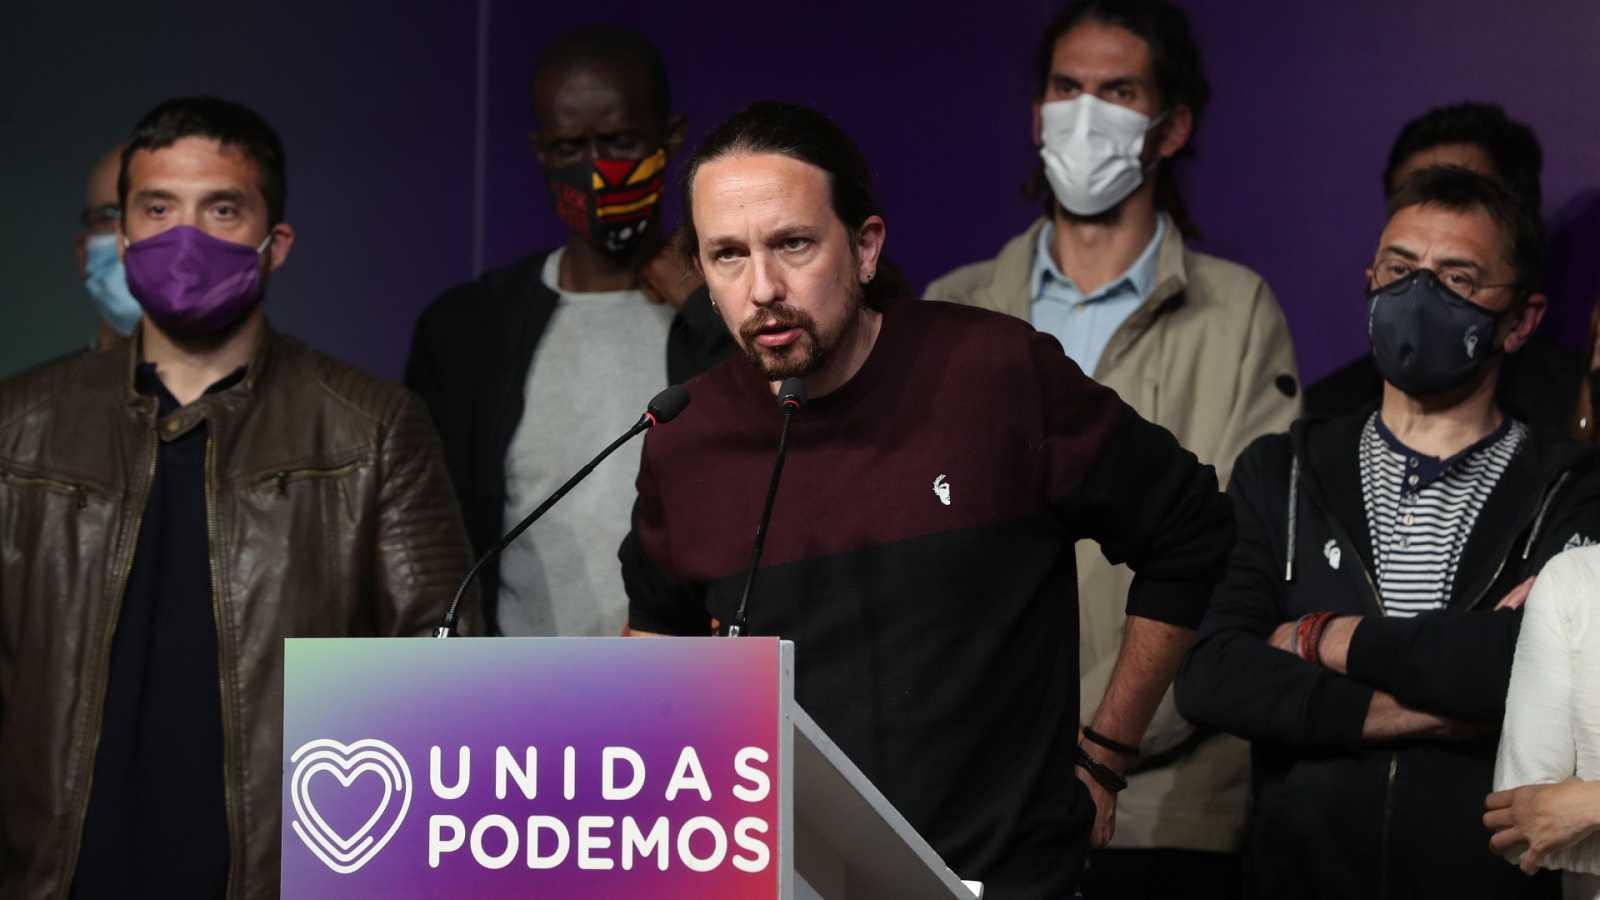 La marcha de Iglesias abre una nueva etapa en Unidas Podemos